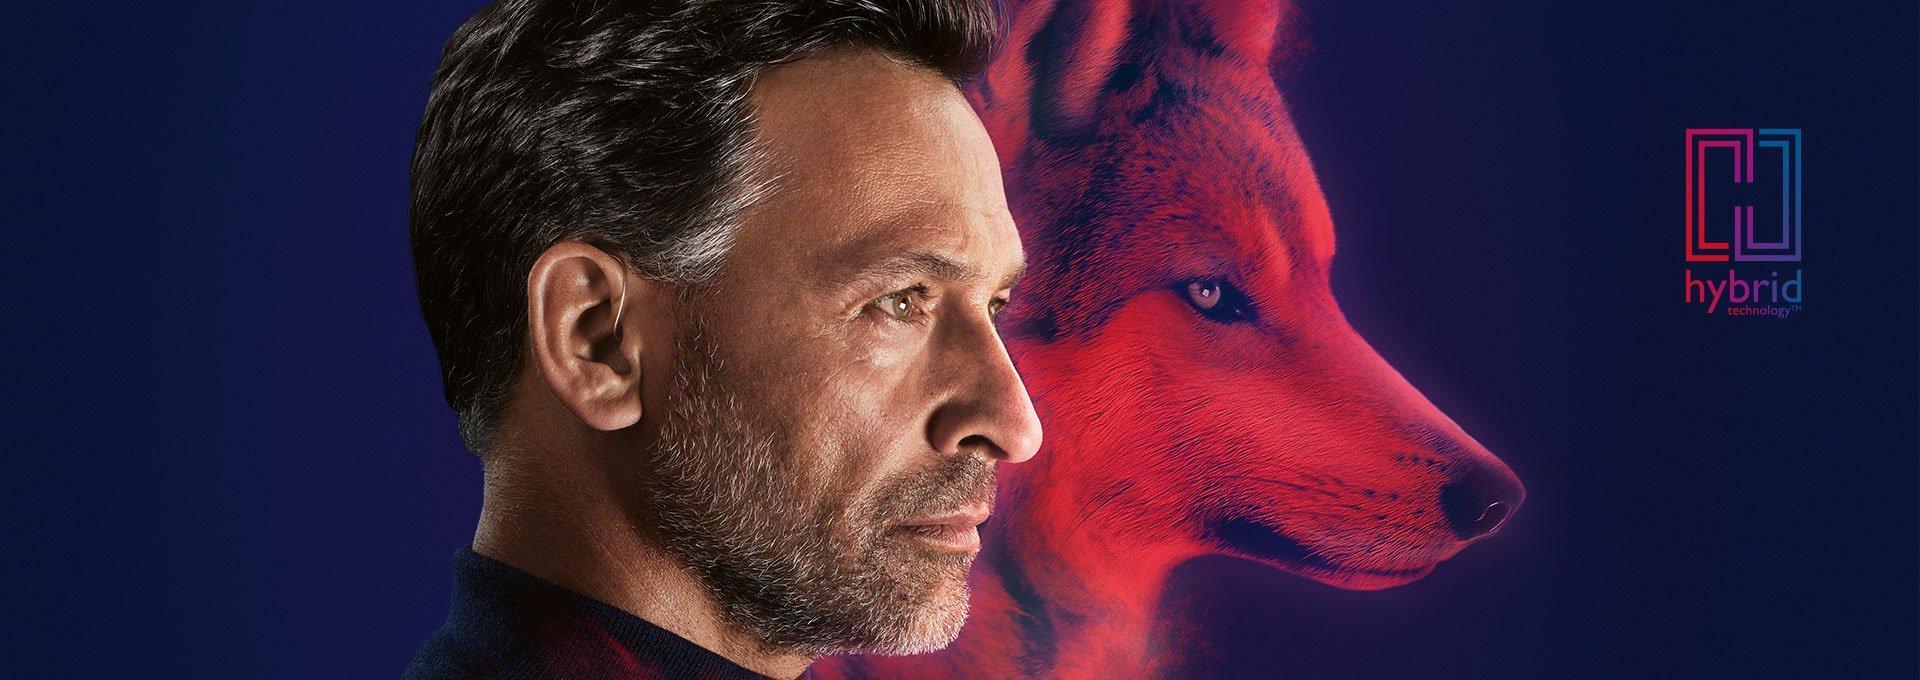 Mężczyzna o wyrazistym profilu, noszący ładowalne aparaty słuchowe Bernafon Alpha wpisany w wizerunek wilka i logo technologii hybrydowej